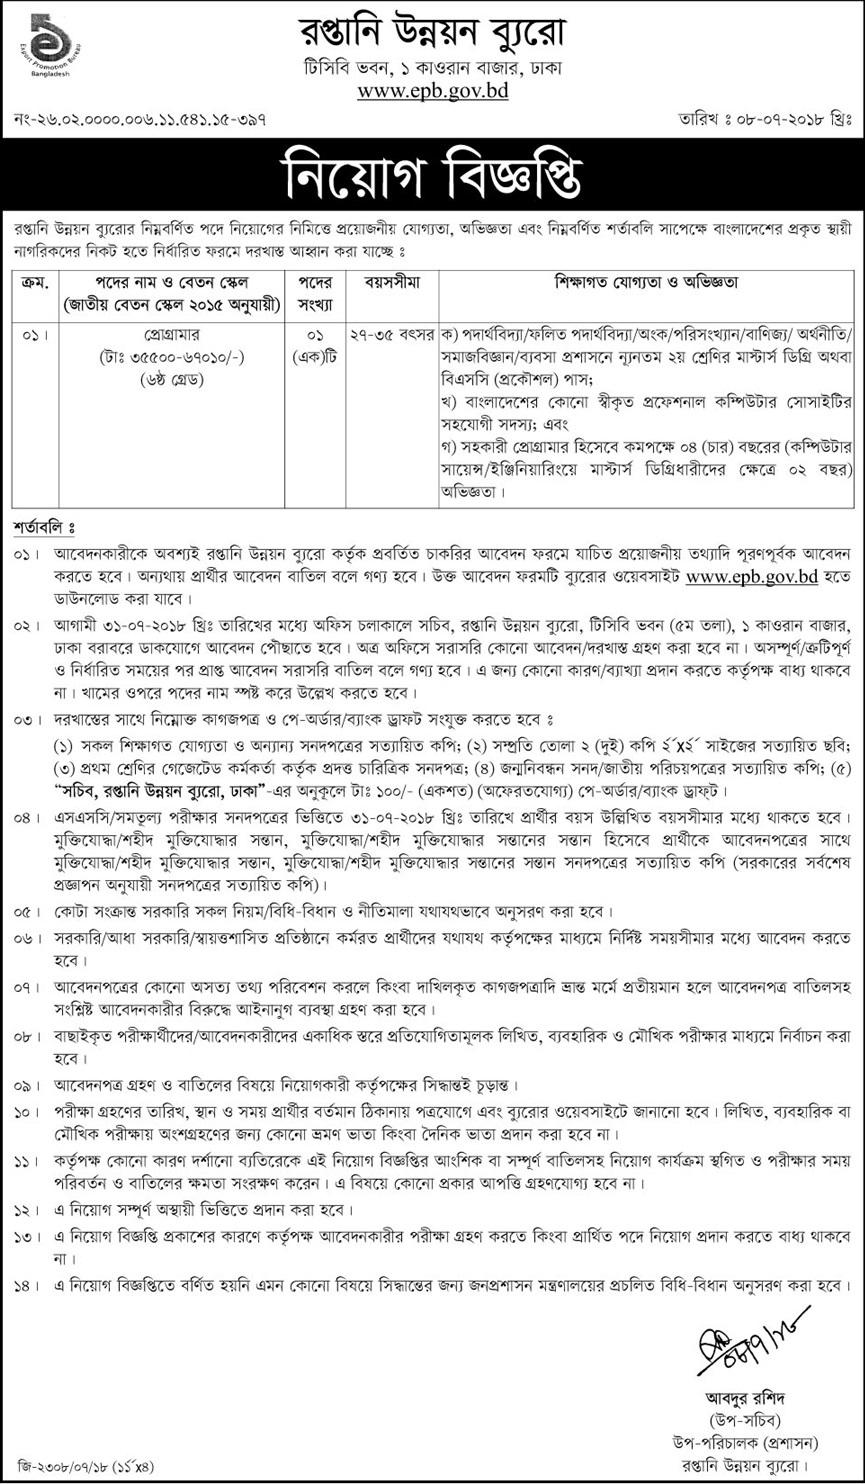 BANGLADESH EXPORT PROMOTION BUREAU JOB CIRCULAR 2018